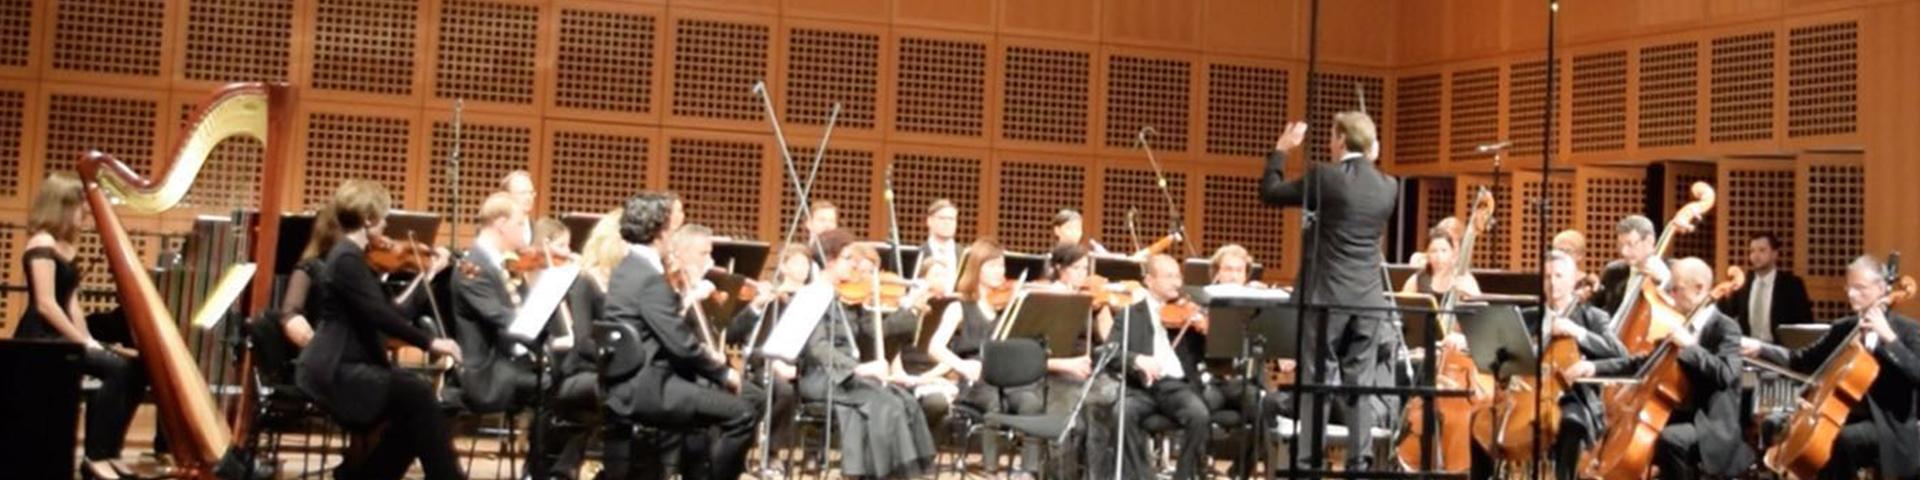 Sinfonietta Ratingen